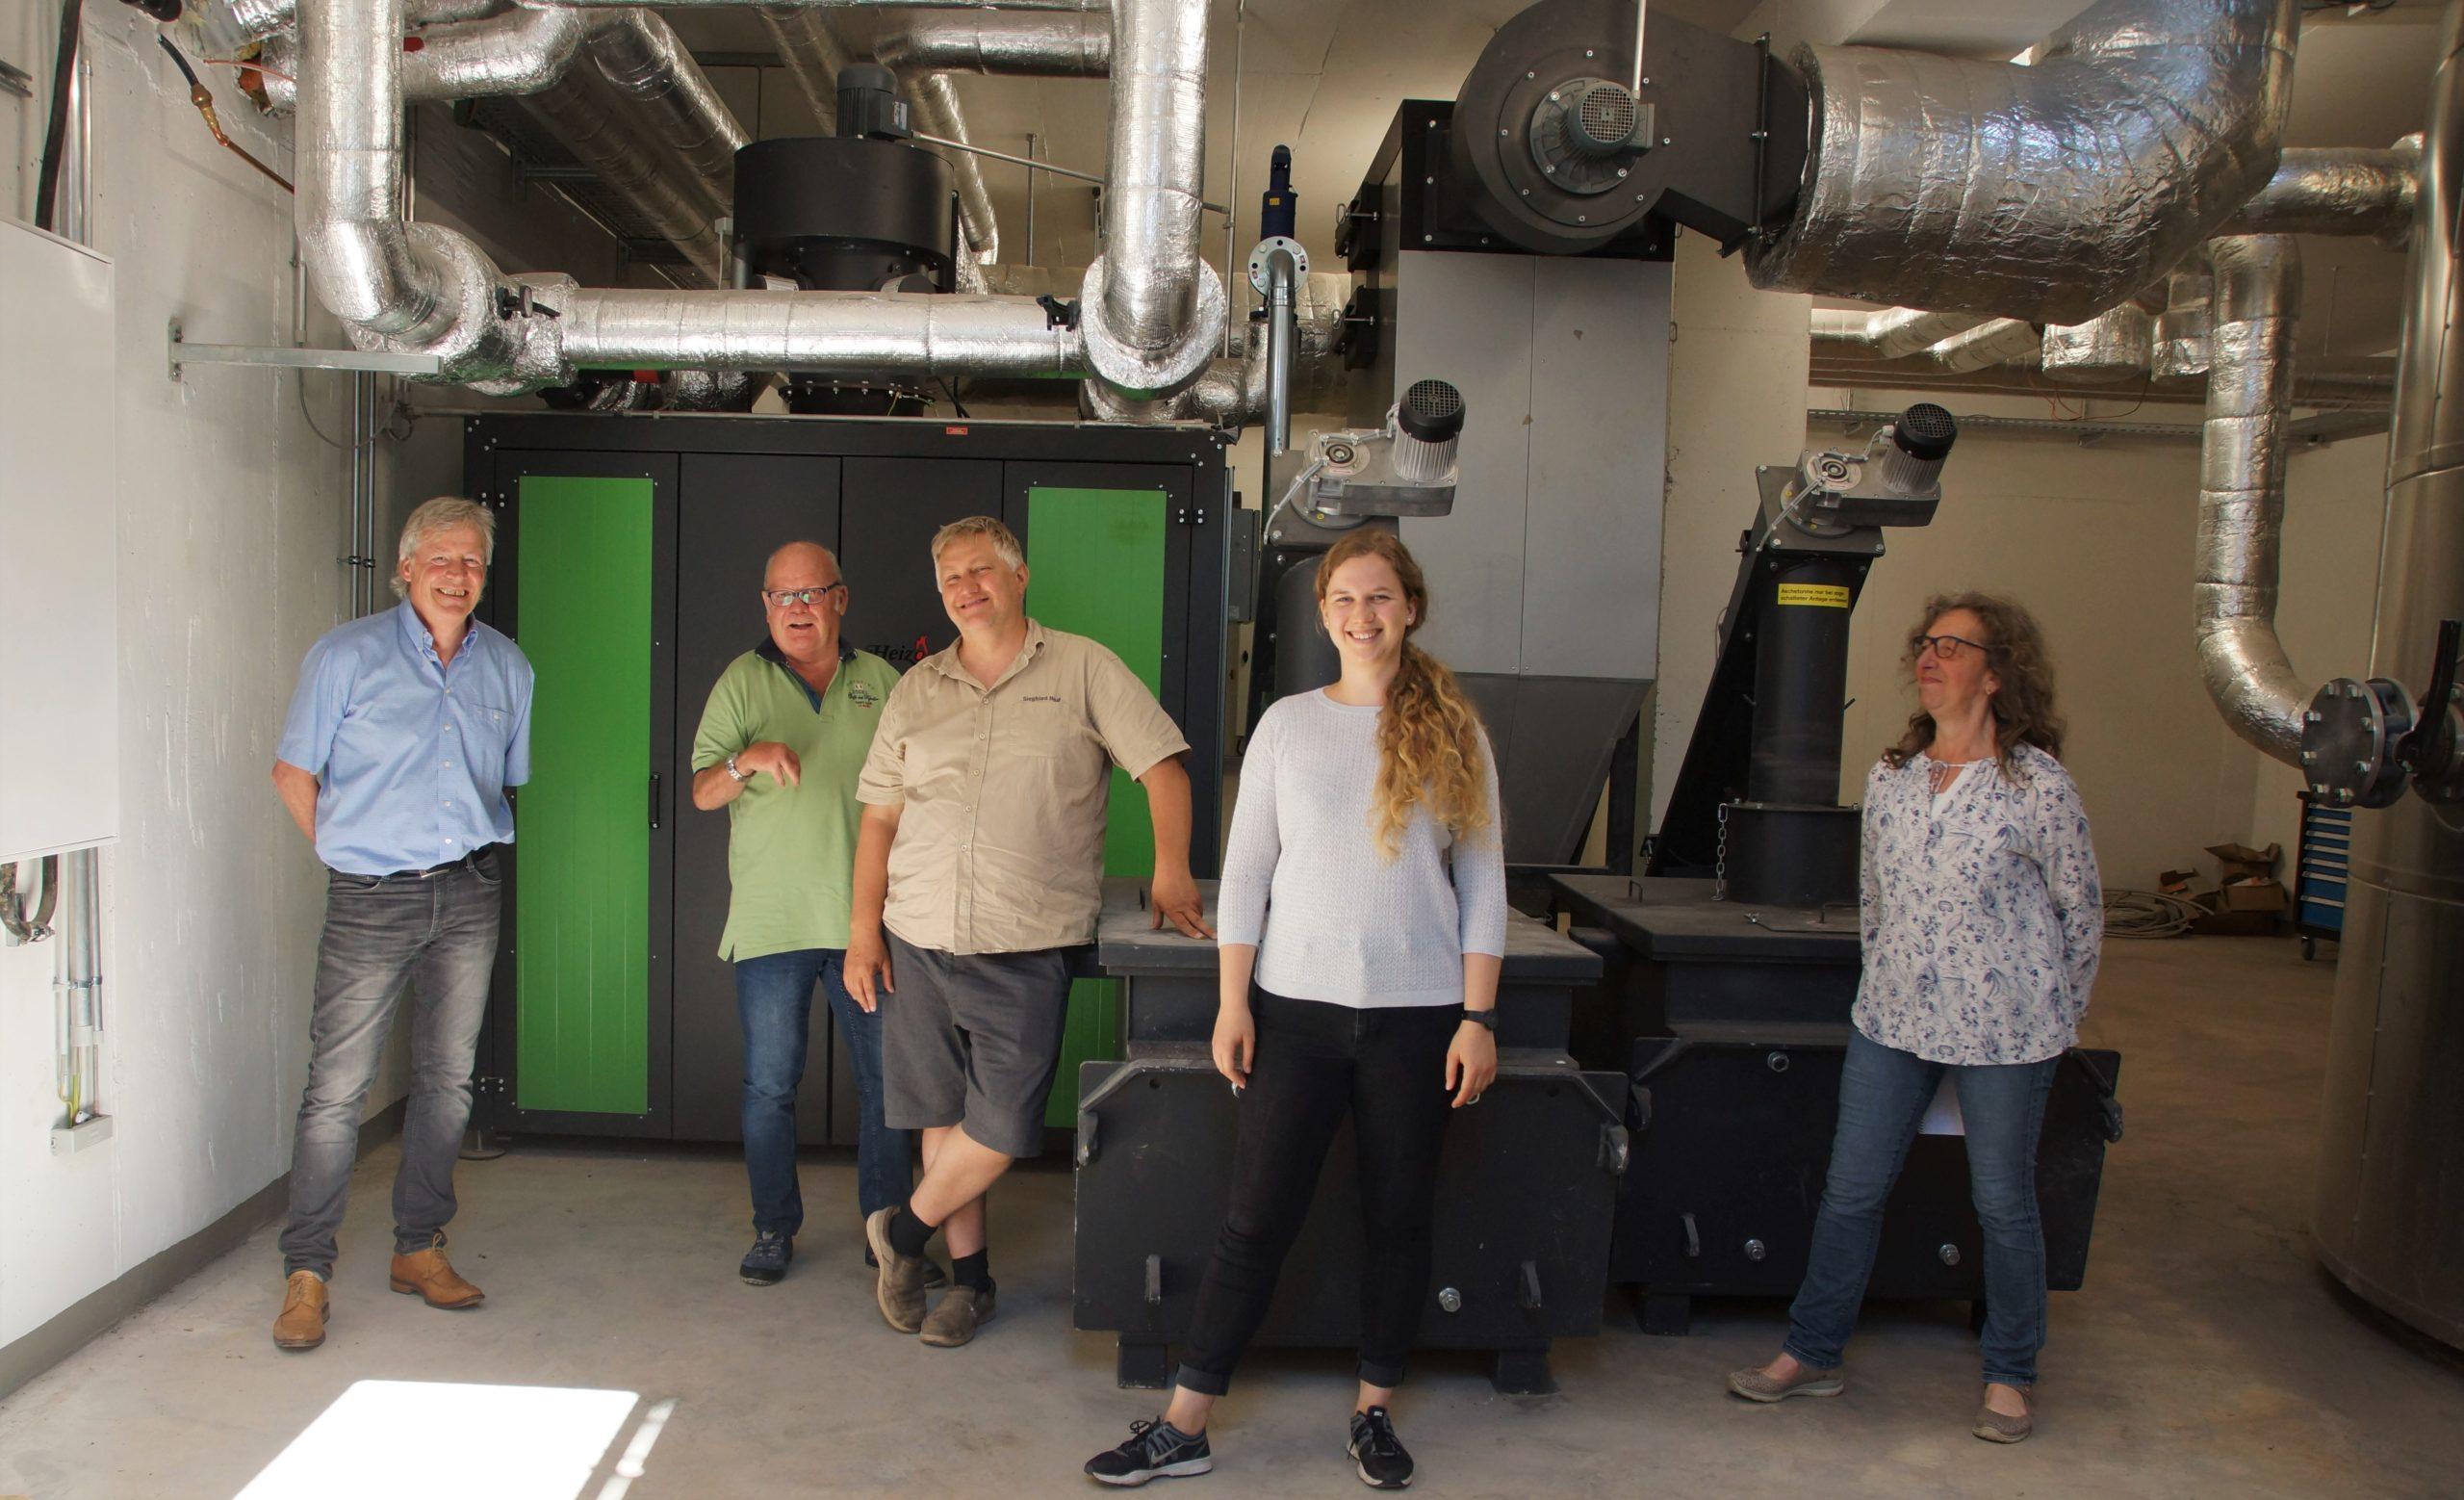 Wärme, Strom, E-Mobilität. Bundestagskandidatin Sara Haug zu Besuch bei der Weiler Wärme